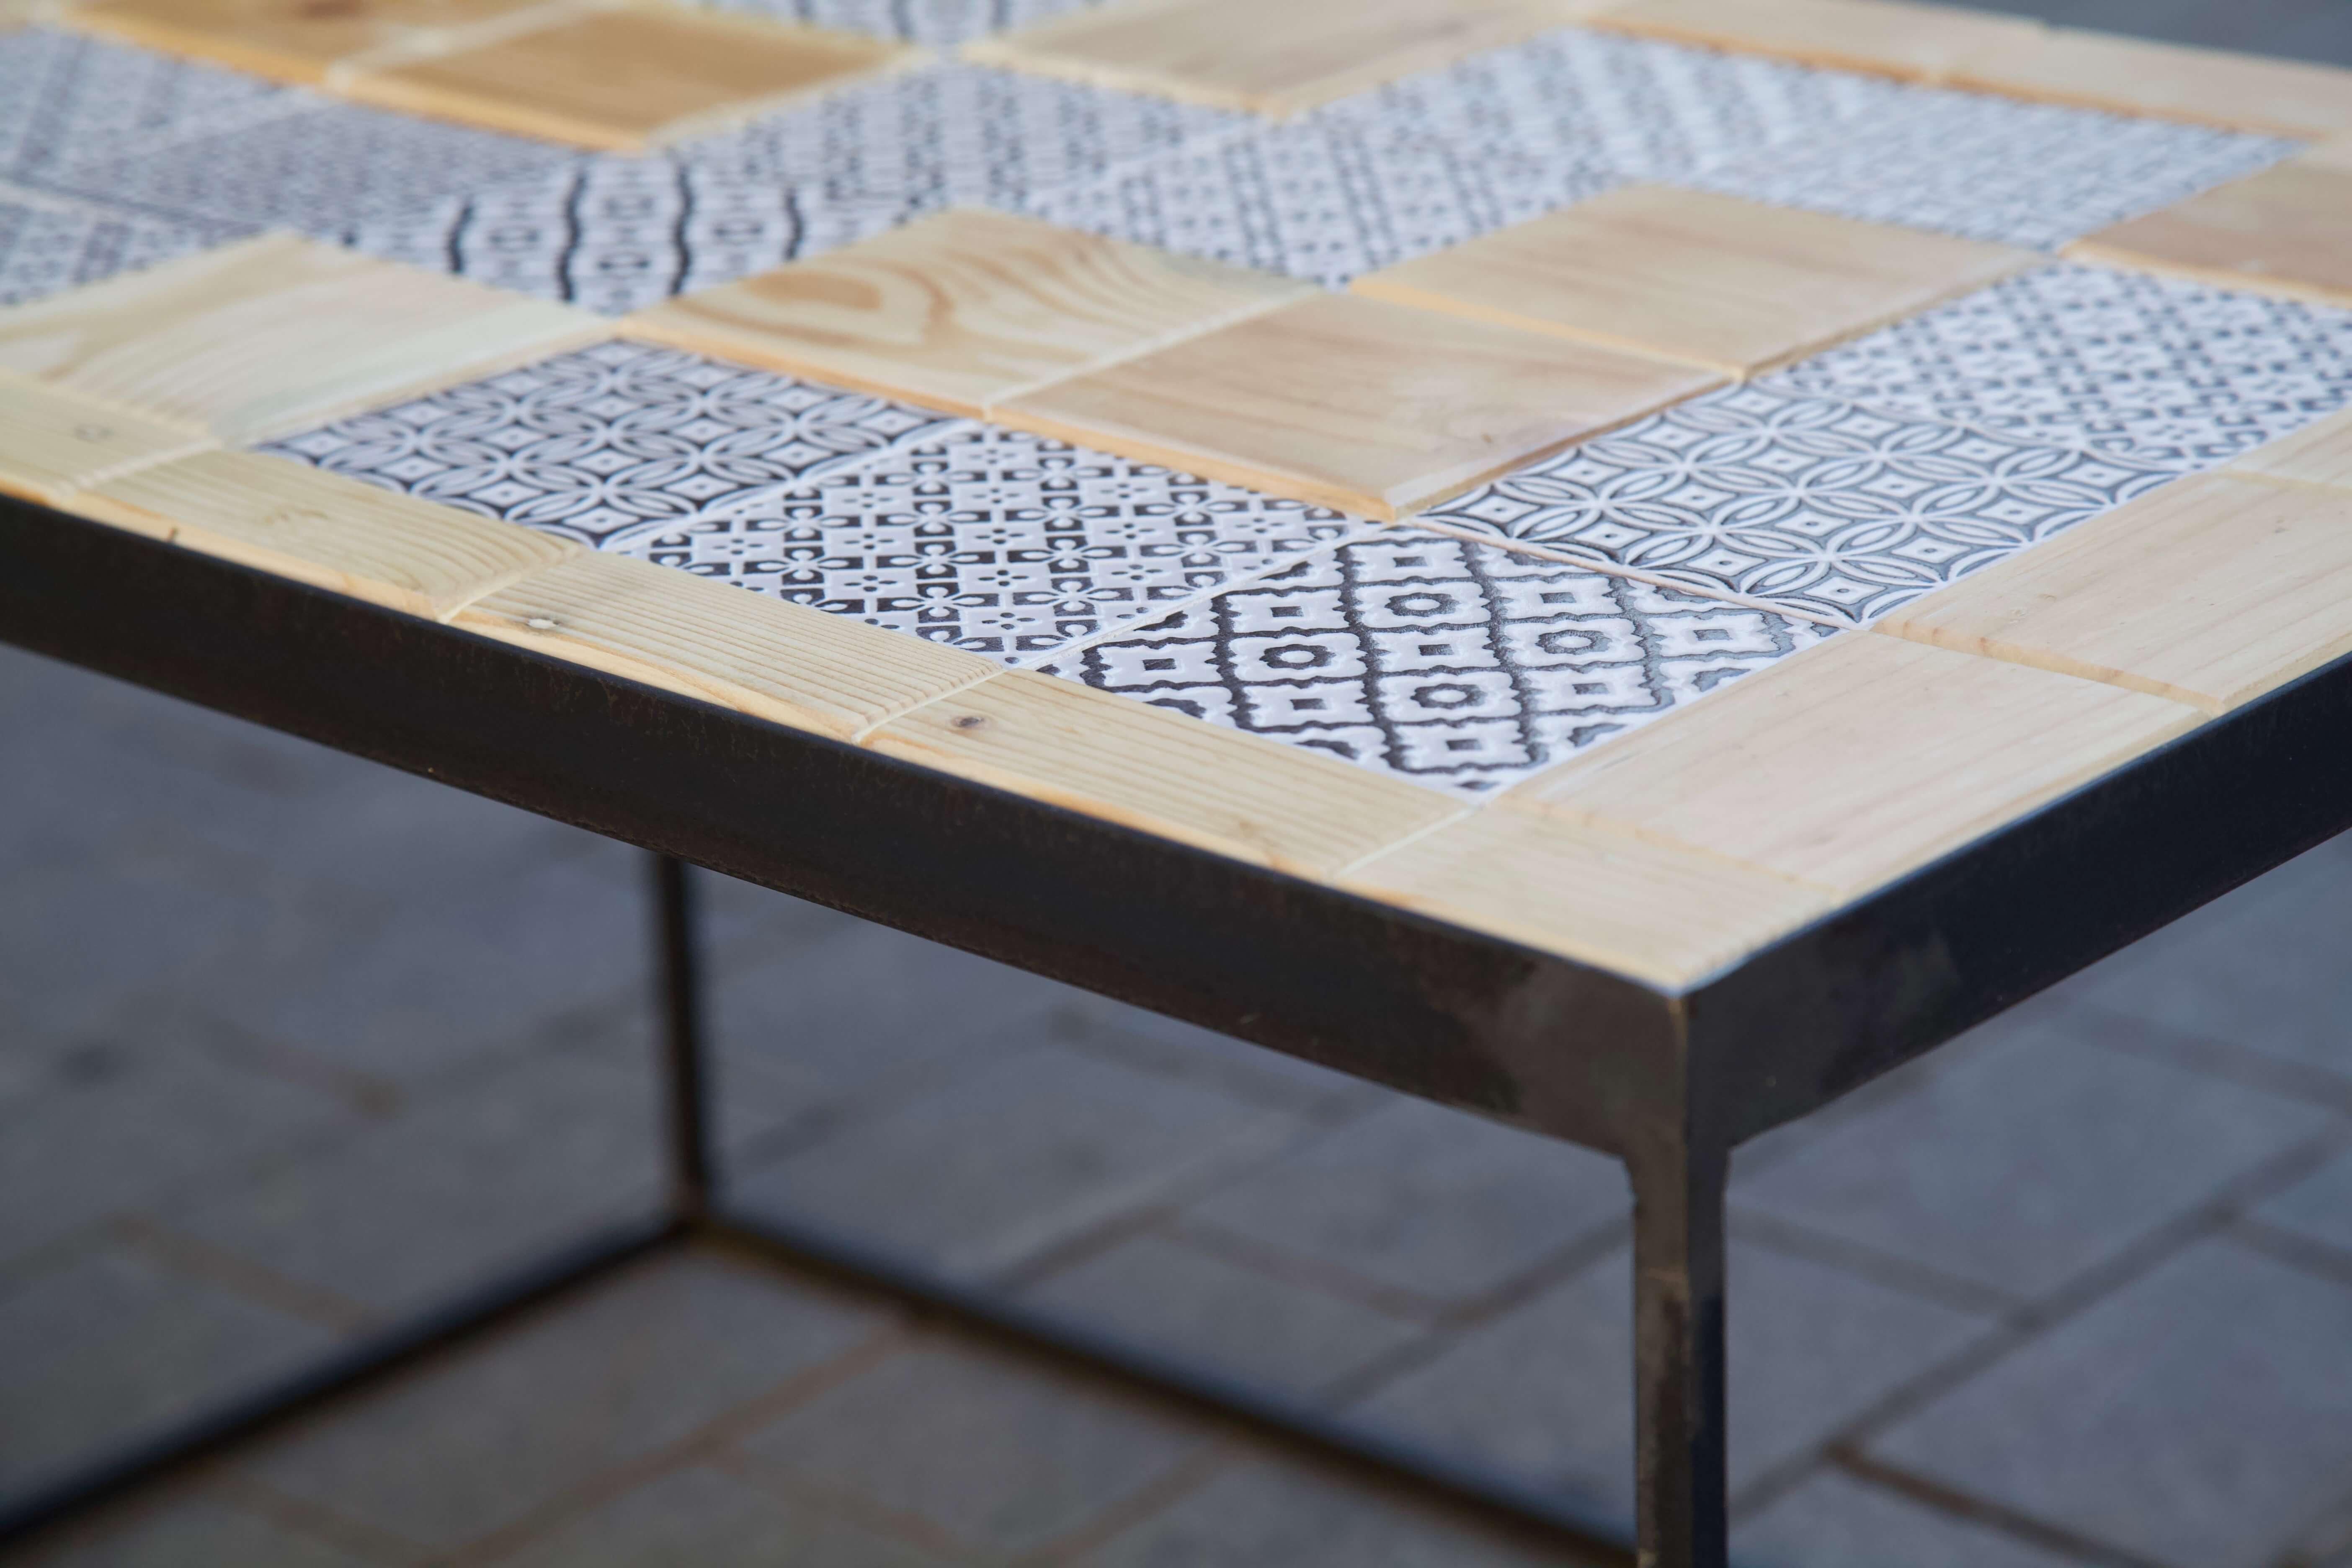 detalle esquina mesa hecha con baldosas pequeñas